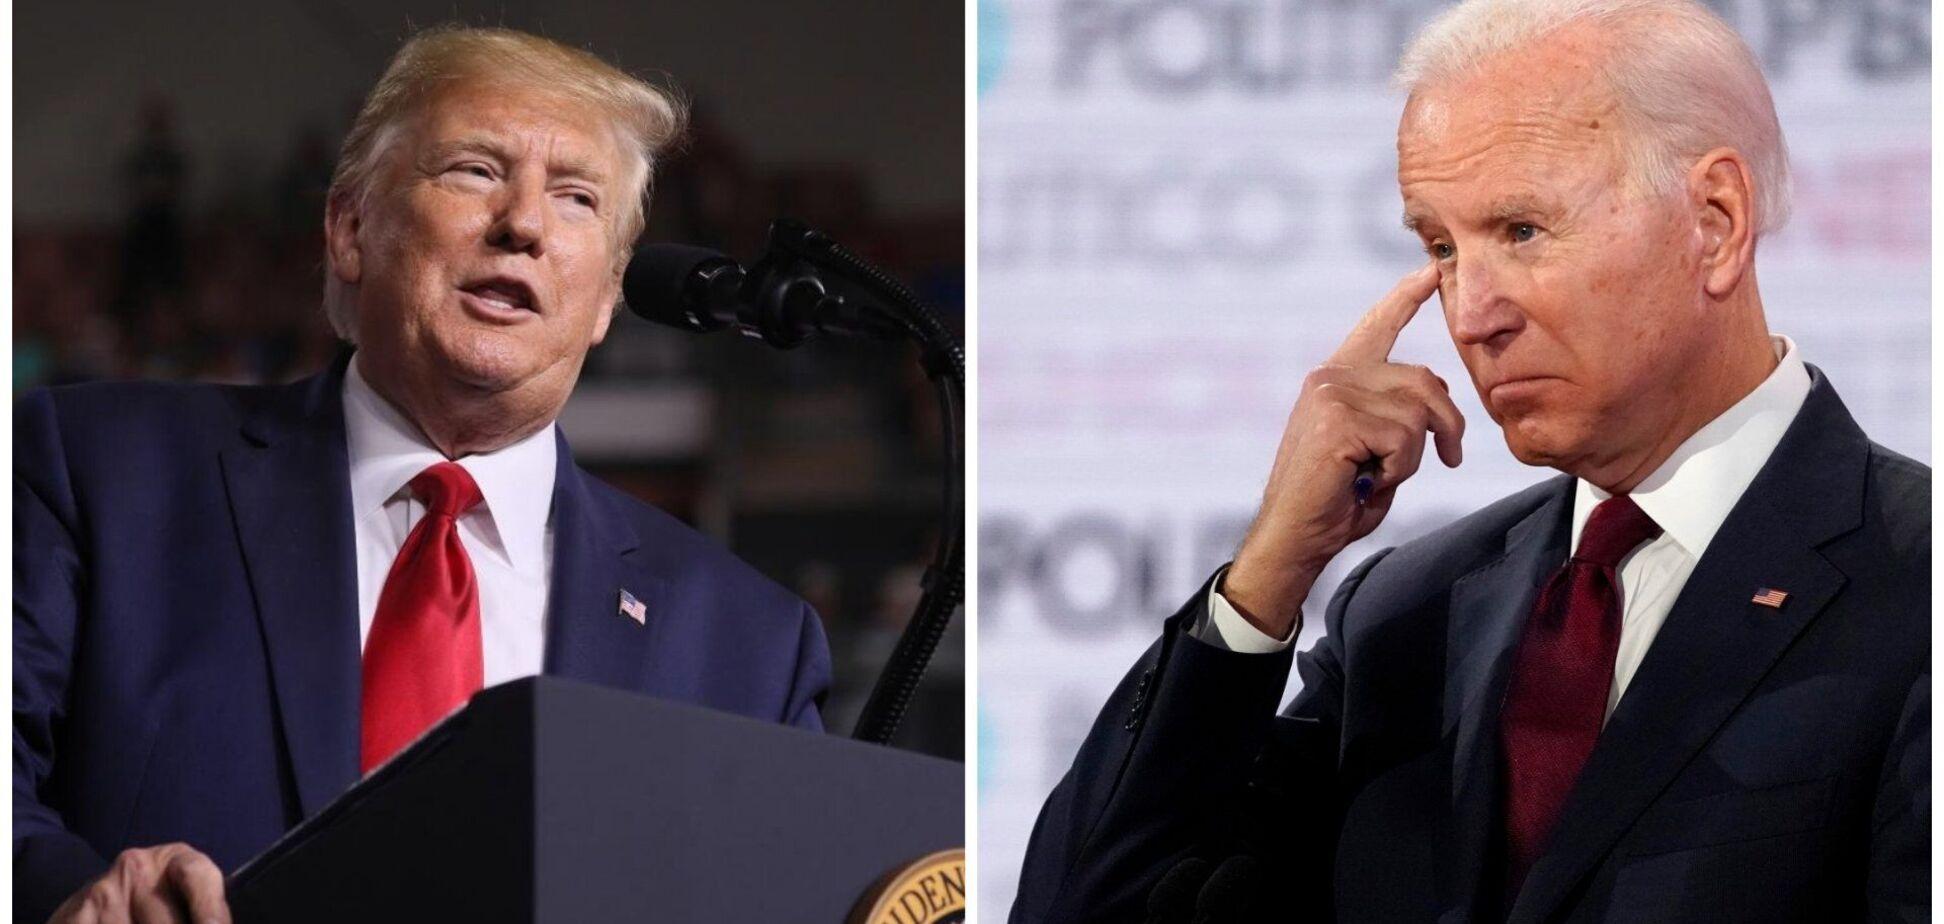 Джо Байден и Дональд Трамп баллотируются на пост президента США